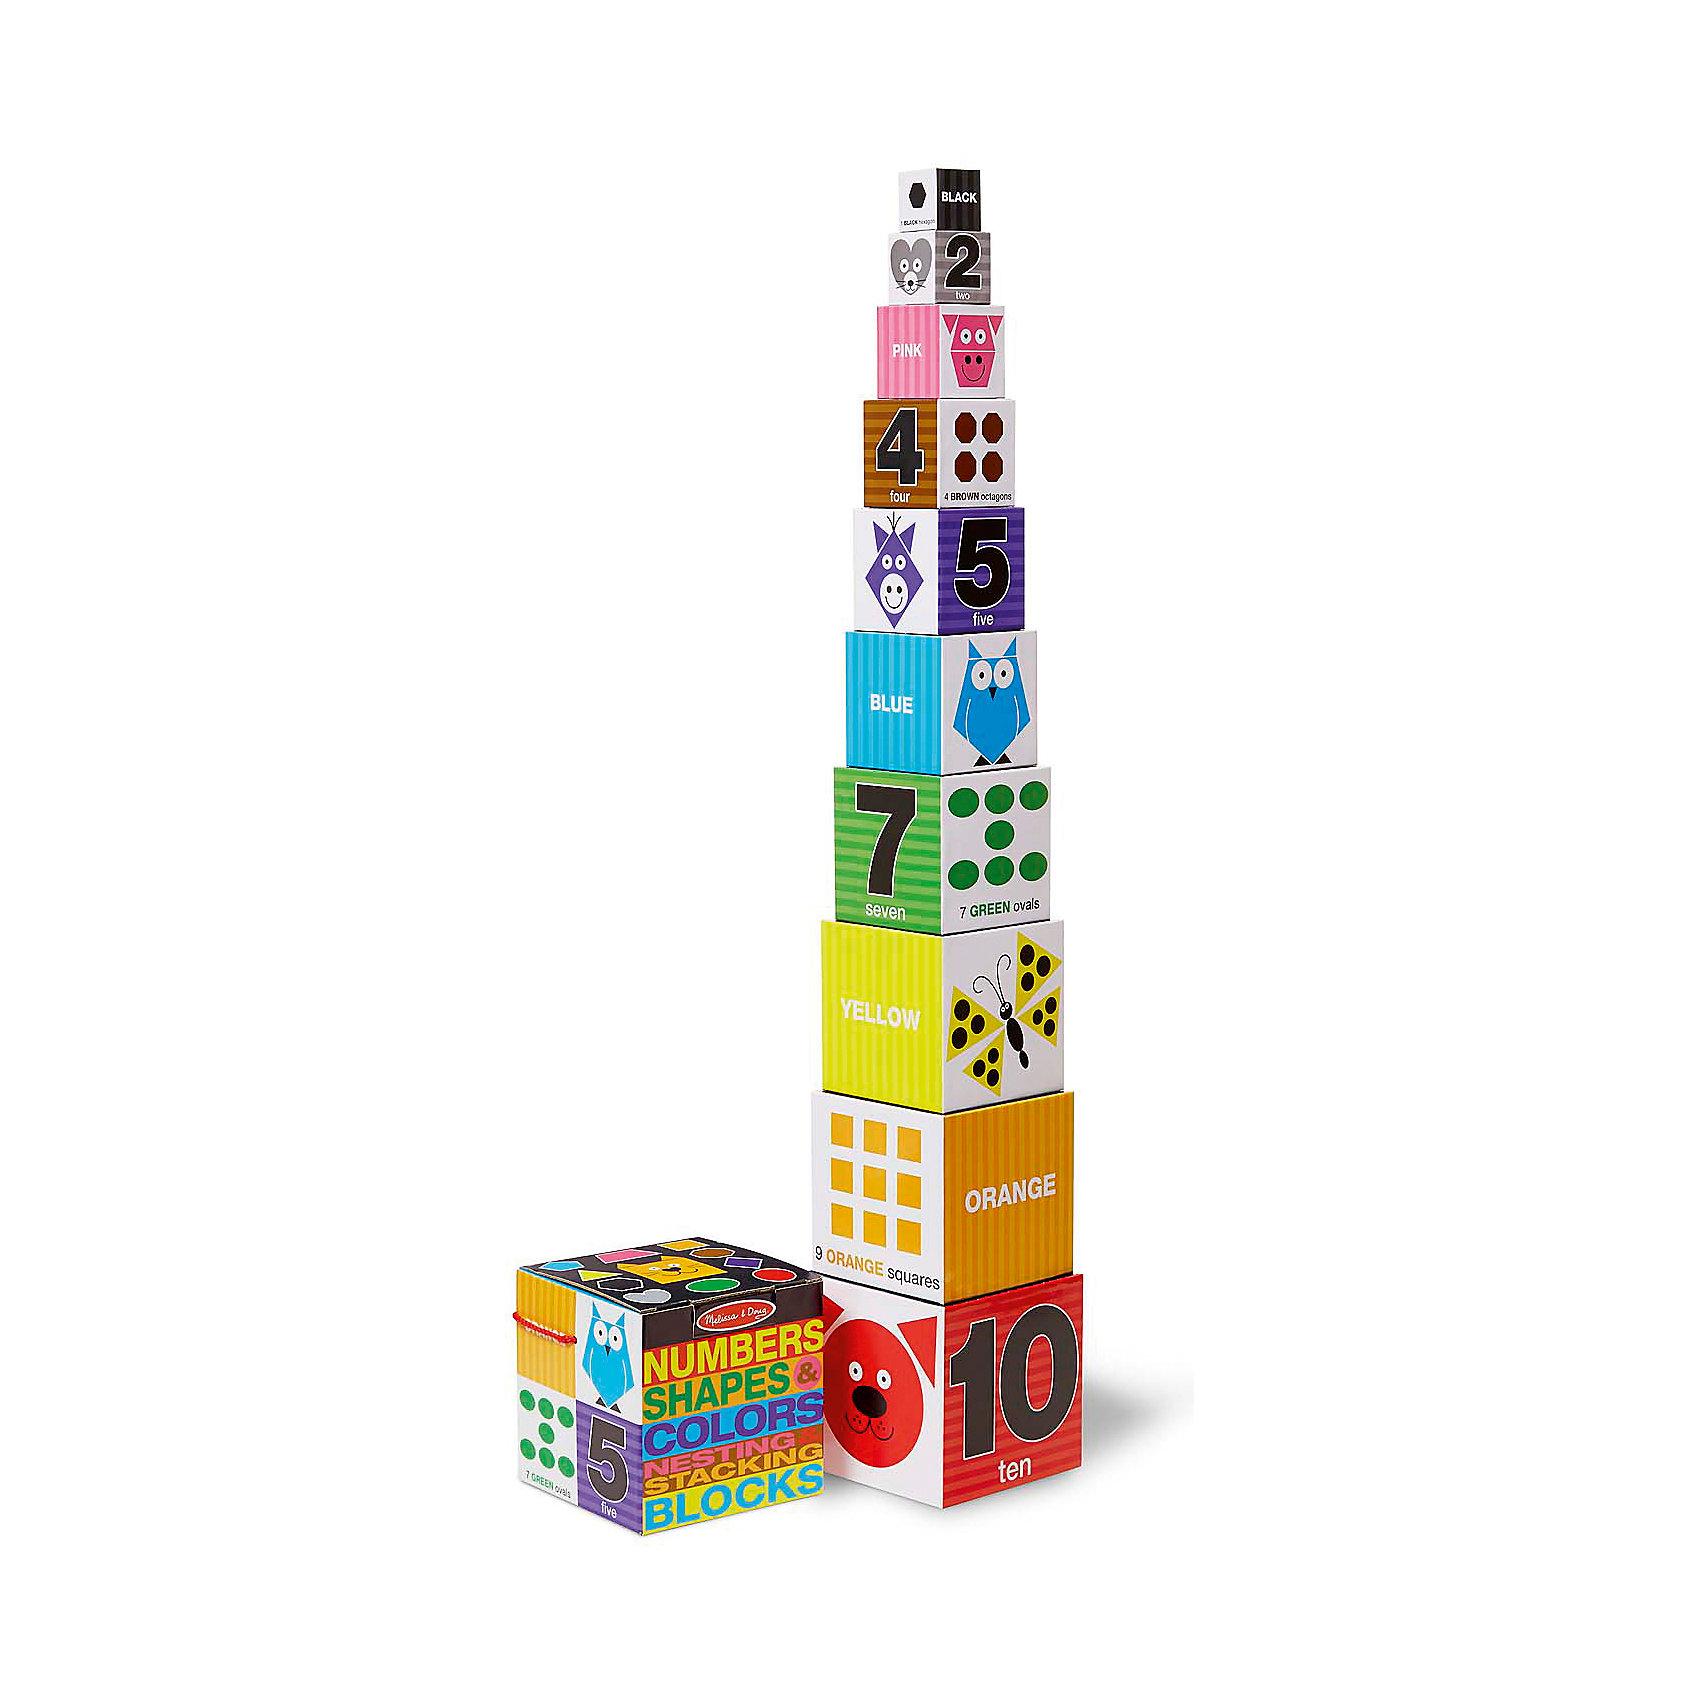 Первые навыки Цифры, формы и цвета, блоки, Melissa &amp; DougРазвивающие игры<br>Первые навыки Цифры, формы и цвета, блоки, Melissa &amp; Doug<br><br>Характеристики:<br><br>• В набор входит: кубики<br>• Количество деталей: 10 шт.<br>• Размер пазла: 15 * 15 * 15 см.<br>• Состав: плотный картон<br>• Вес: 726 г.<br>• Для детей в возрасте: от 2 до 4 лет<br>• Страна производитель: Китай<br><br>Кубики сделаны из прочного картона, поэтому их легко хранить, и они не слишком тяжелые чтобы брать их в поездку. Животные на каждом кубике учат ребёнка цветам, формам и цифрам. Вы можете в процессе игры спрашивать у малыша как говорит то или иное животное. Выставив все кубики один на другой, малыш получит 90 сантиметровую башню! Из кубиков можно строить небольшие домики или другие постройки на своё усмотрение. Цифры и цвета на кубиках написаны на английском языке.<br><br>Первые навыки Цифры, формы и цвета, блоки, Melissa &amp; Doug можно купить в нашем интернет-магазине.<br><br>Ширина мм: 150<br>Глубина мм: 150<br>Высота мм: 150<br>Вес г: 726<br>Возраст от месяцев: 24<br>Возраст до месяцев: 2147483647<br>Пол: Унисекс<br>Возраст: Детский<br>SKU: 5451060